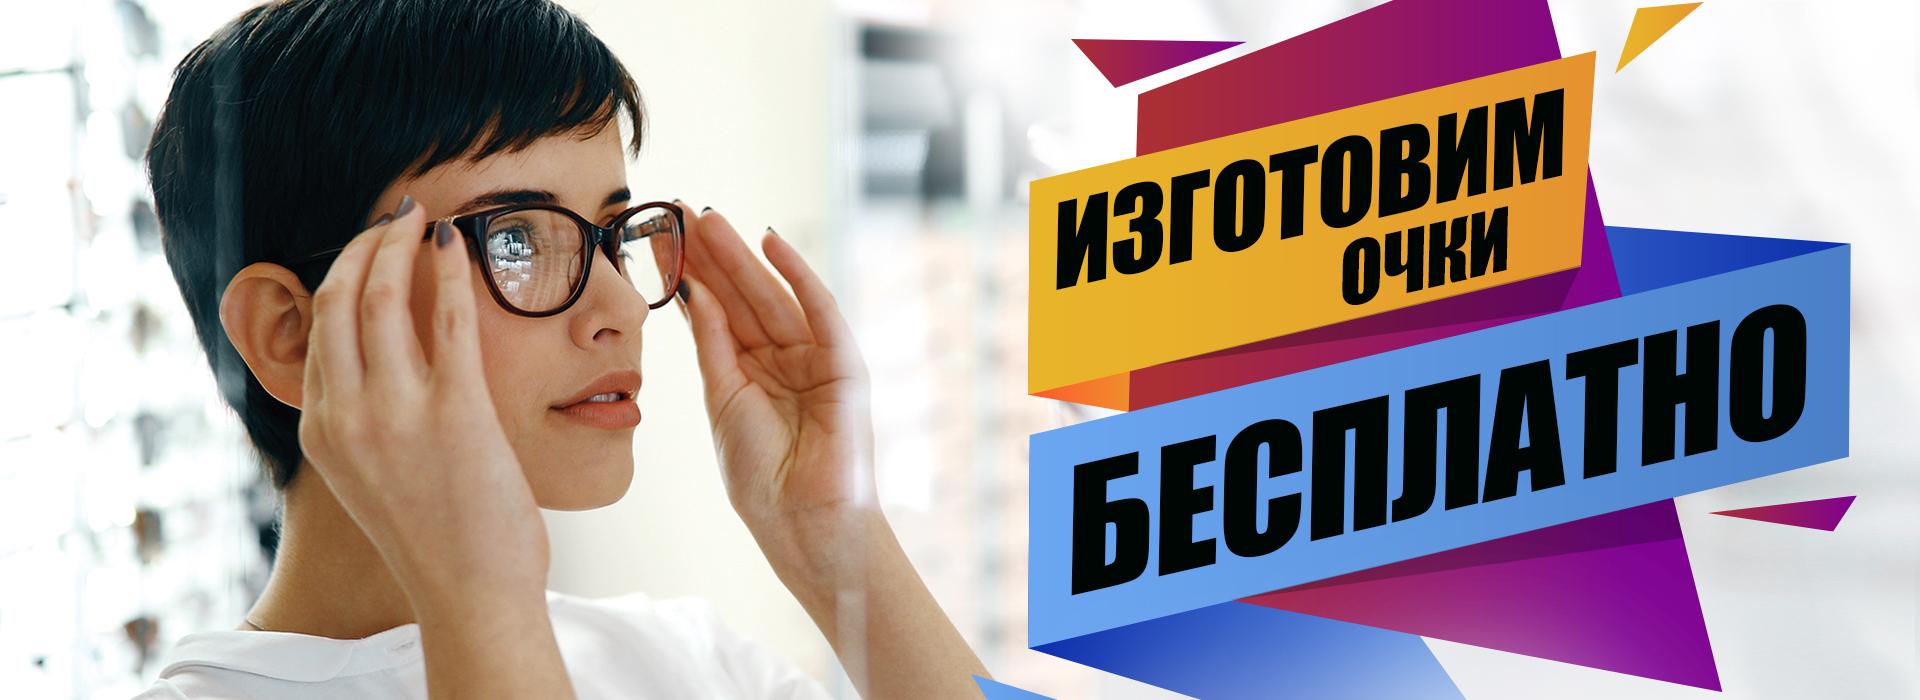 В преддверии Нового года самое время обновить очки для зрения, чтобы каждый момент любимого праздника запомнился в деталях. Чтобы не упустить самое важное в уходящем году и подготовиться к новому, срочно приходите в салоны оптики «Линзбург» за модными очками!